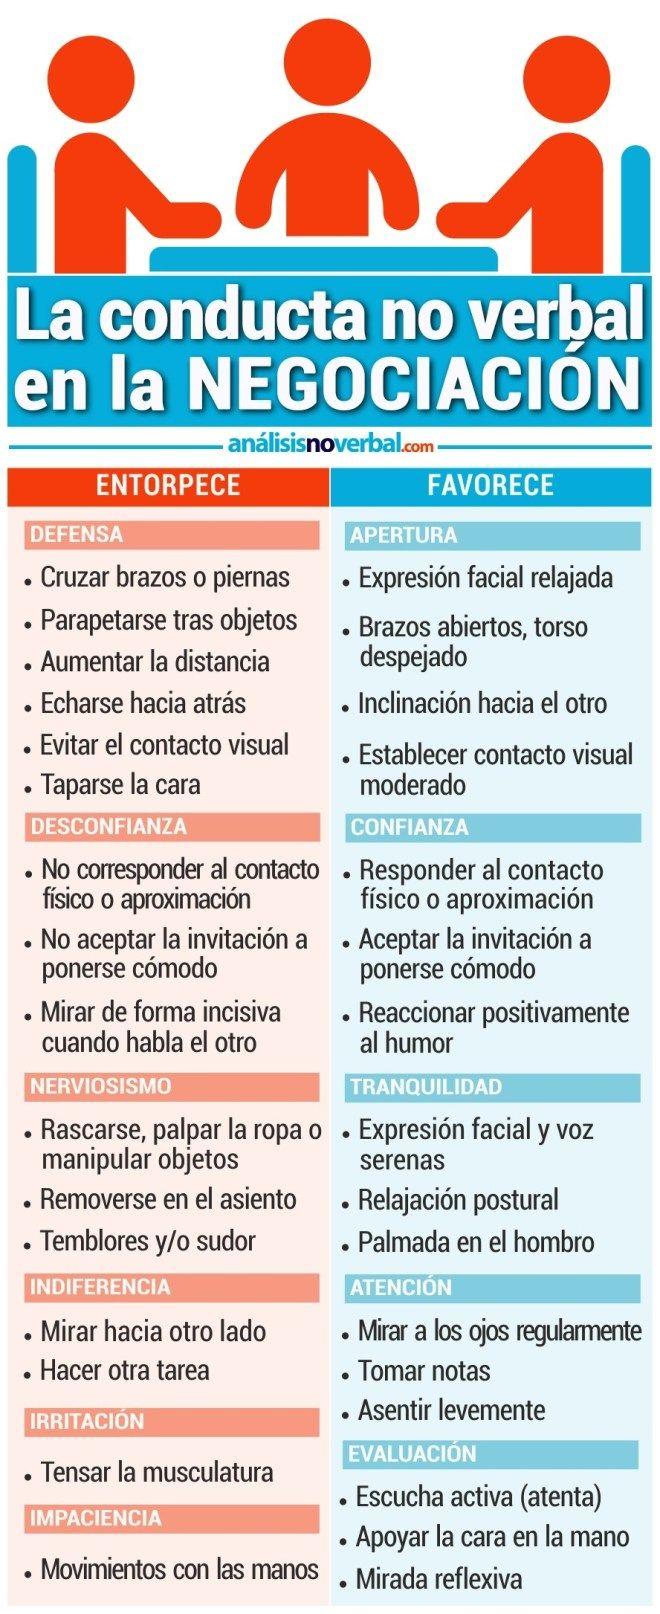 La_Conduca_No_Verbal_de_la_Negociación.